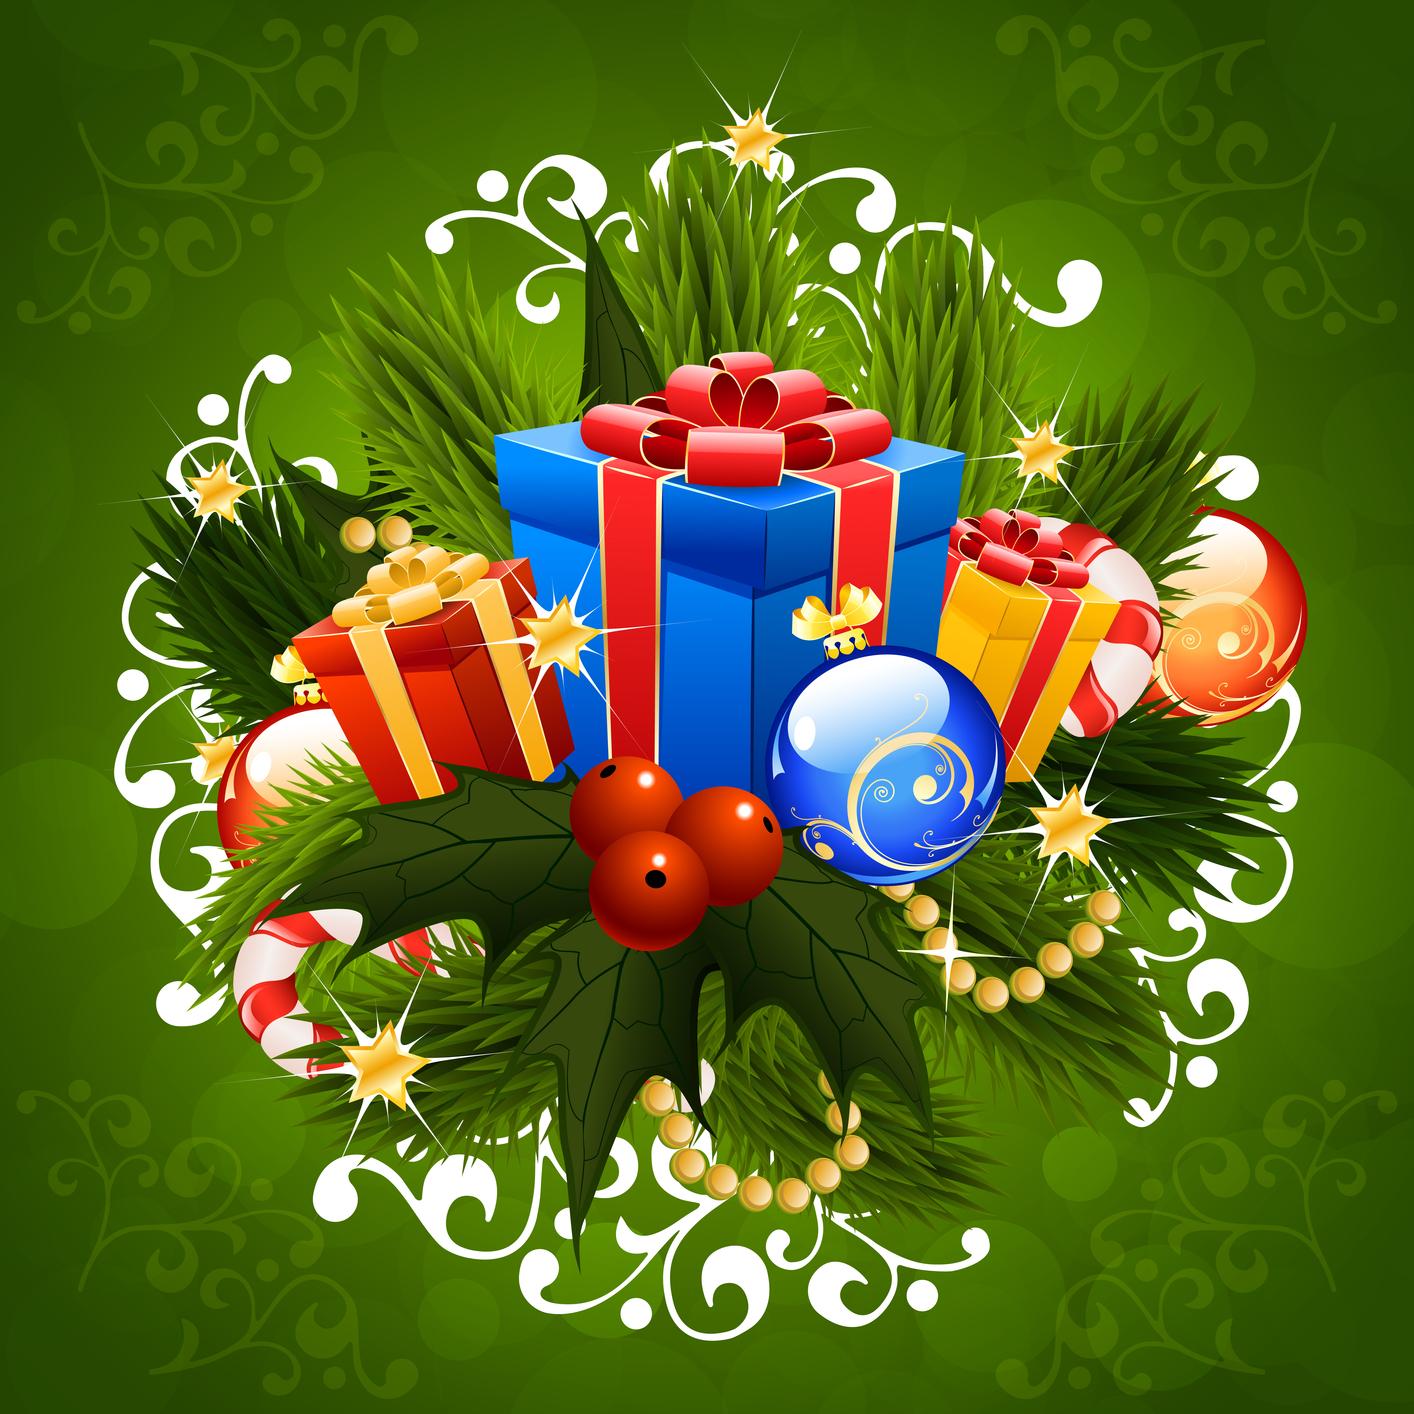 Banco de im genes para ver disfrutar y compartir 25 - Ver figuras de navidad ...